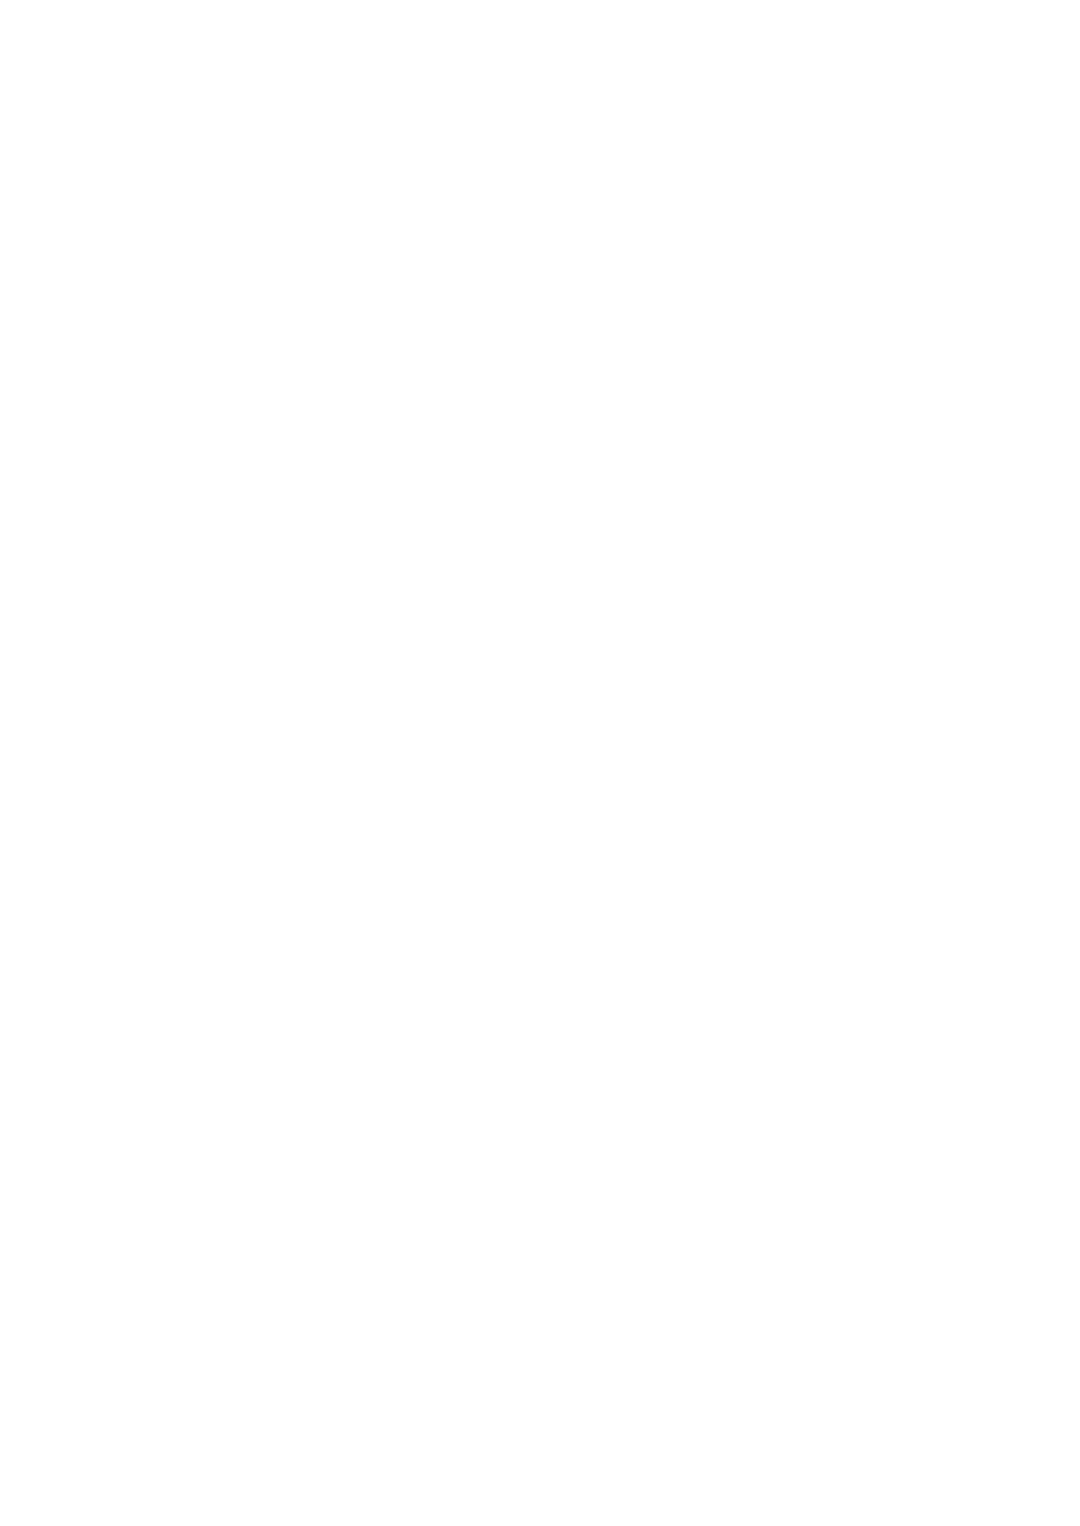 【淫乱ギャルエロ漫画】ギャル達と温泉旅行に行く事になった今泉は、新幹線の中でフェラで責められる。旅館に着くとお風呂場や部屋で朝まで4人仲良く中出しセックスでイキまくる!【のり伍郎】